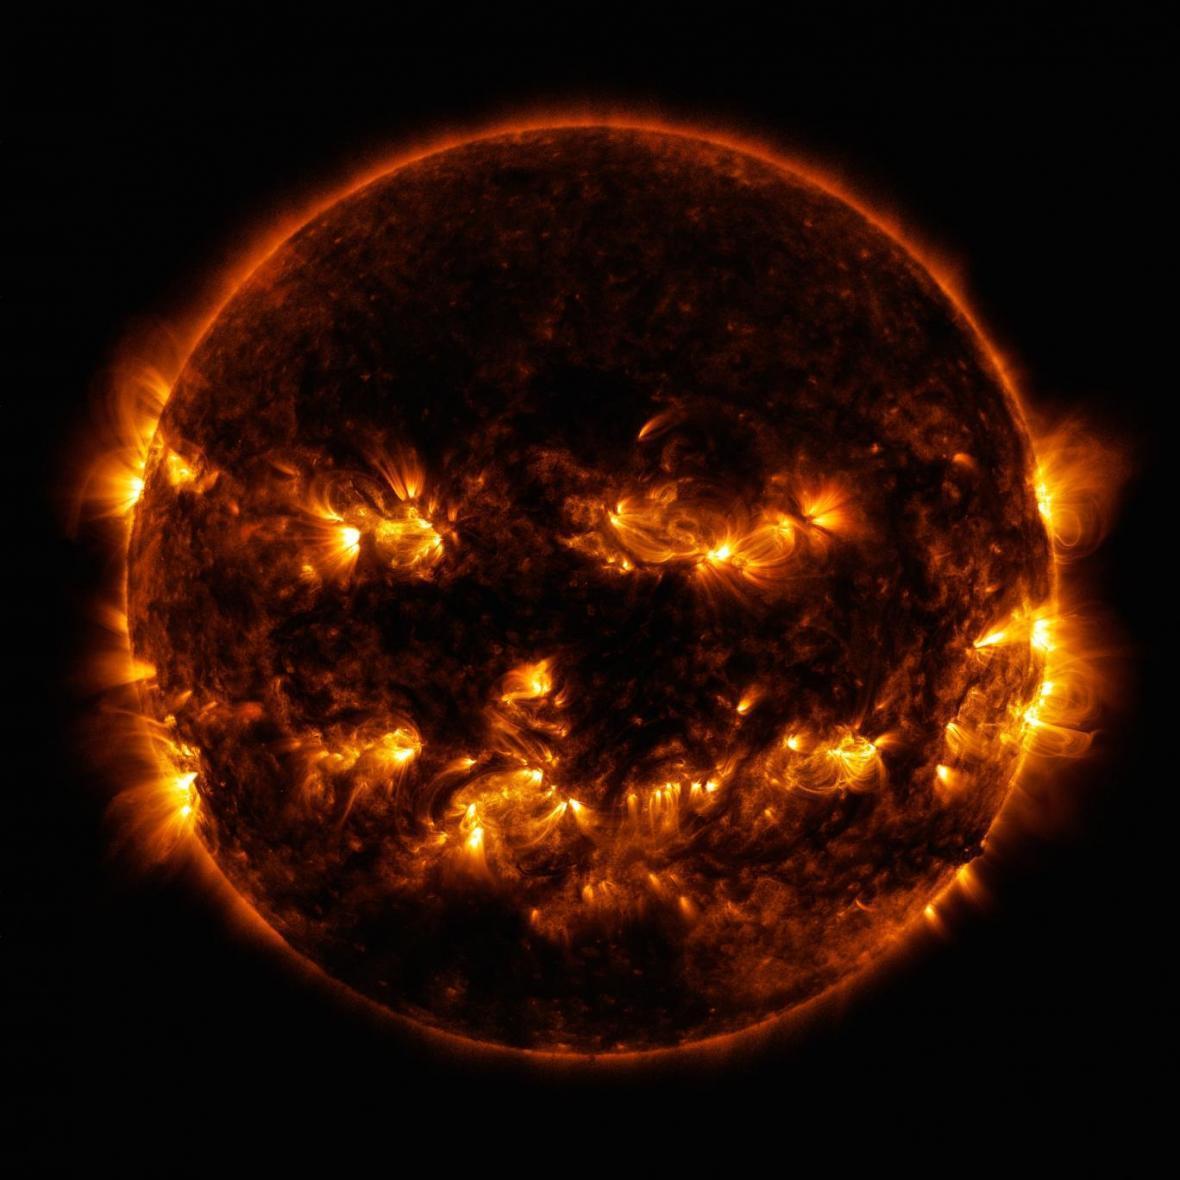 کشف نوترینوهای رازآلود در خورشید